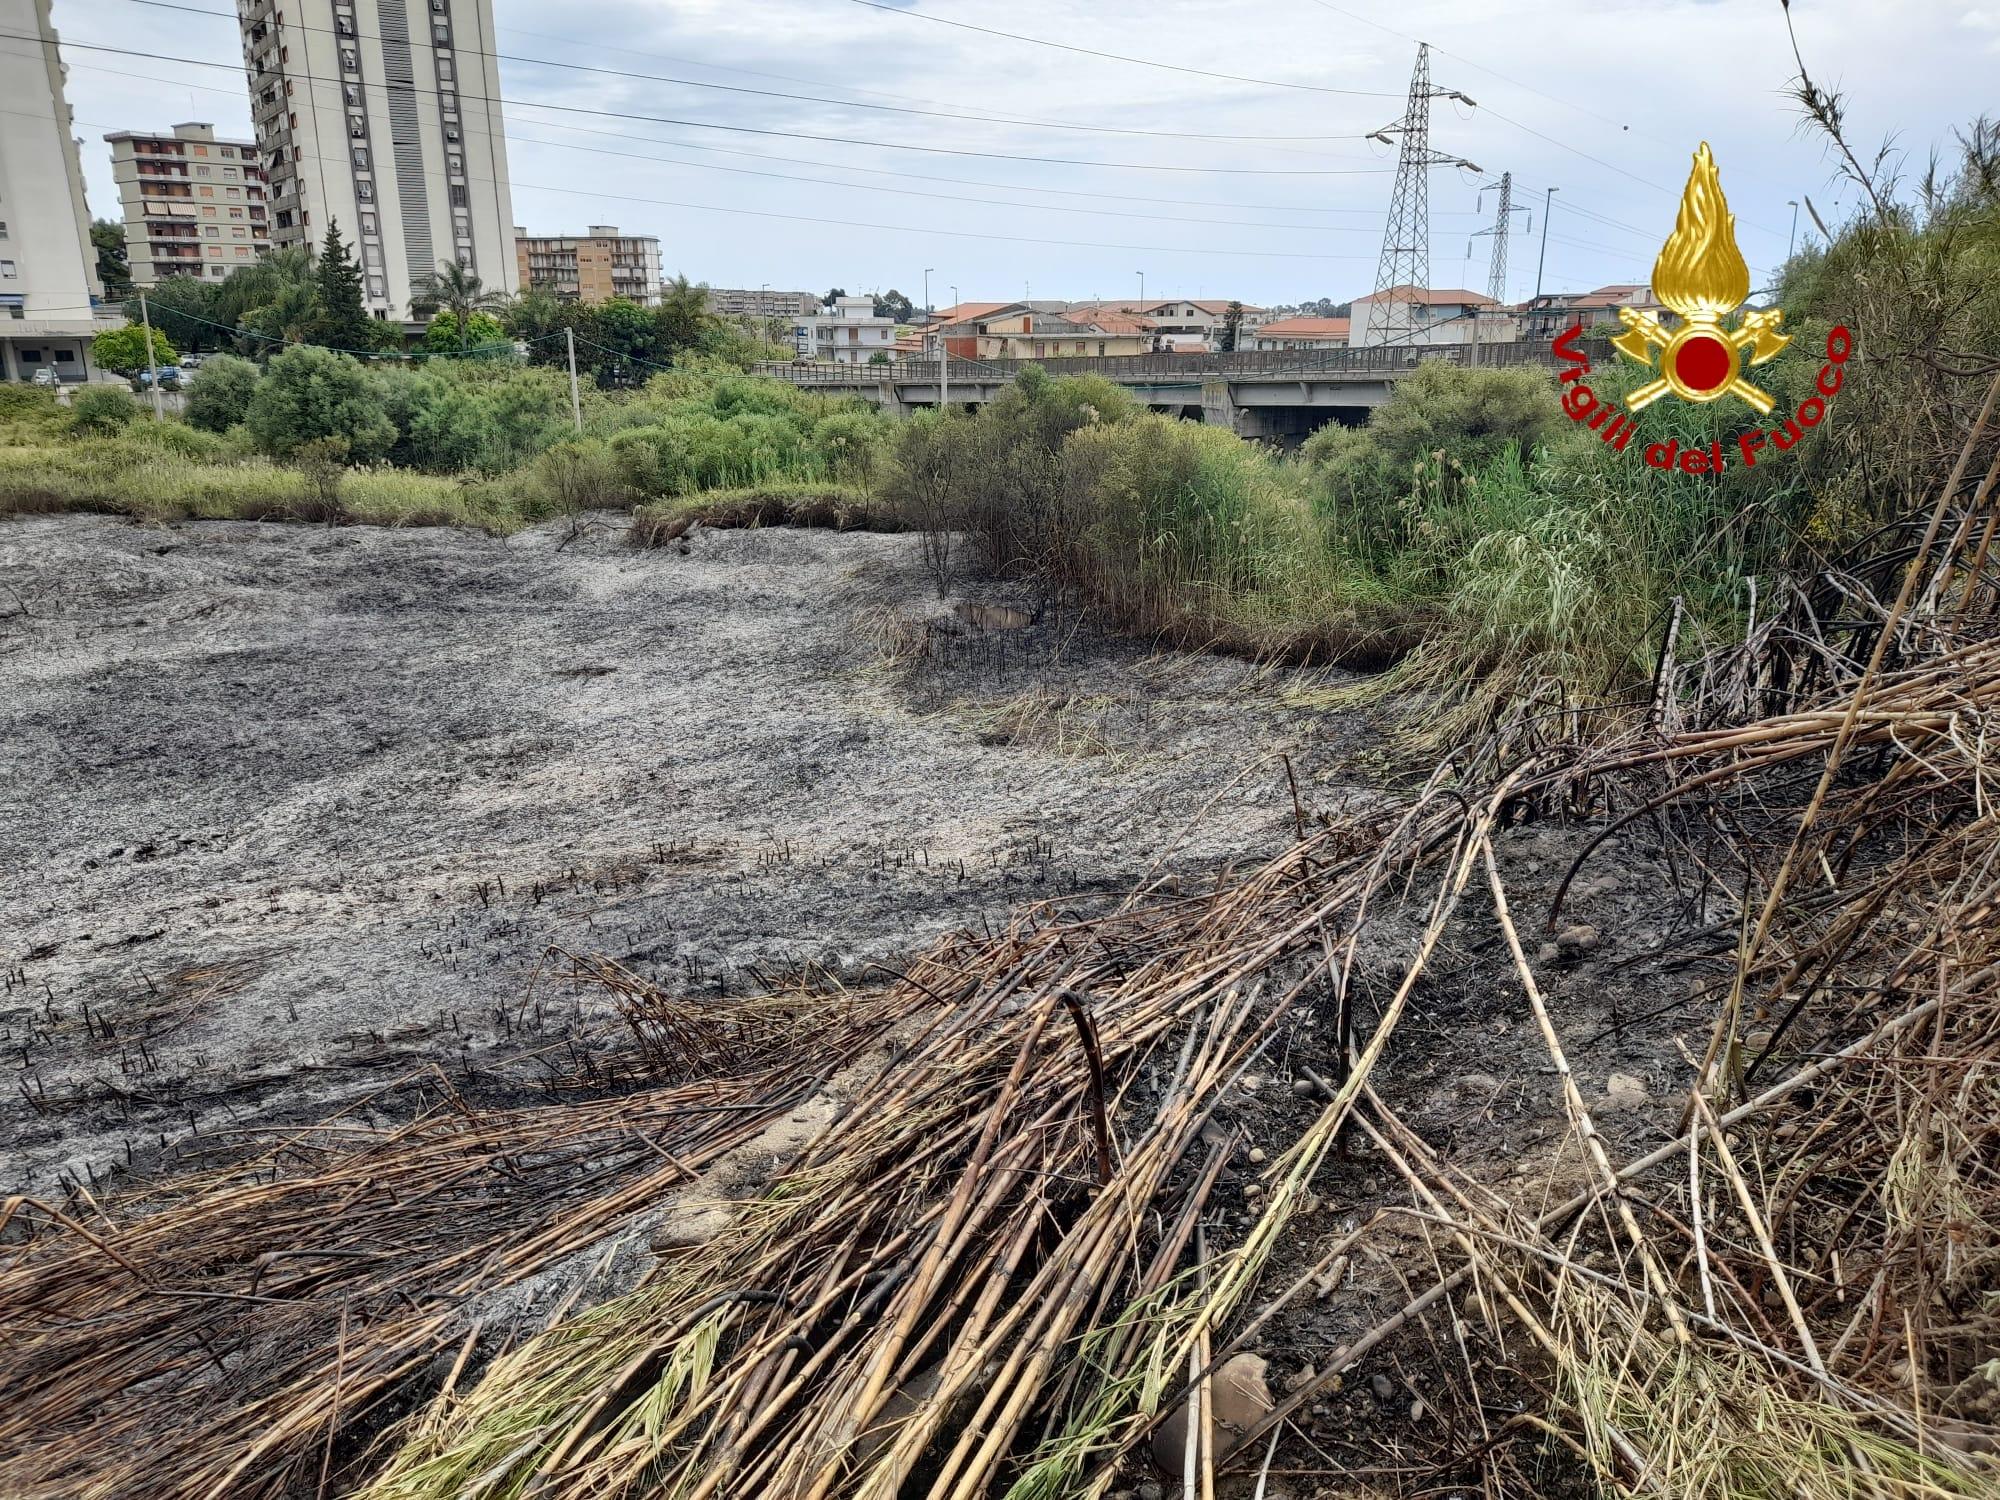 Incendio a Librino, a fuoco circa 3 ettari di canneto e sterpaglie: le FOTO dei vigili del fuoco in azione